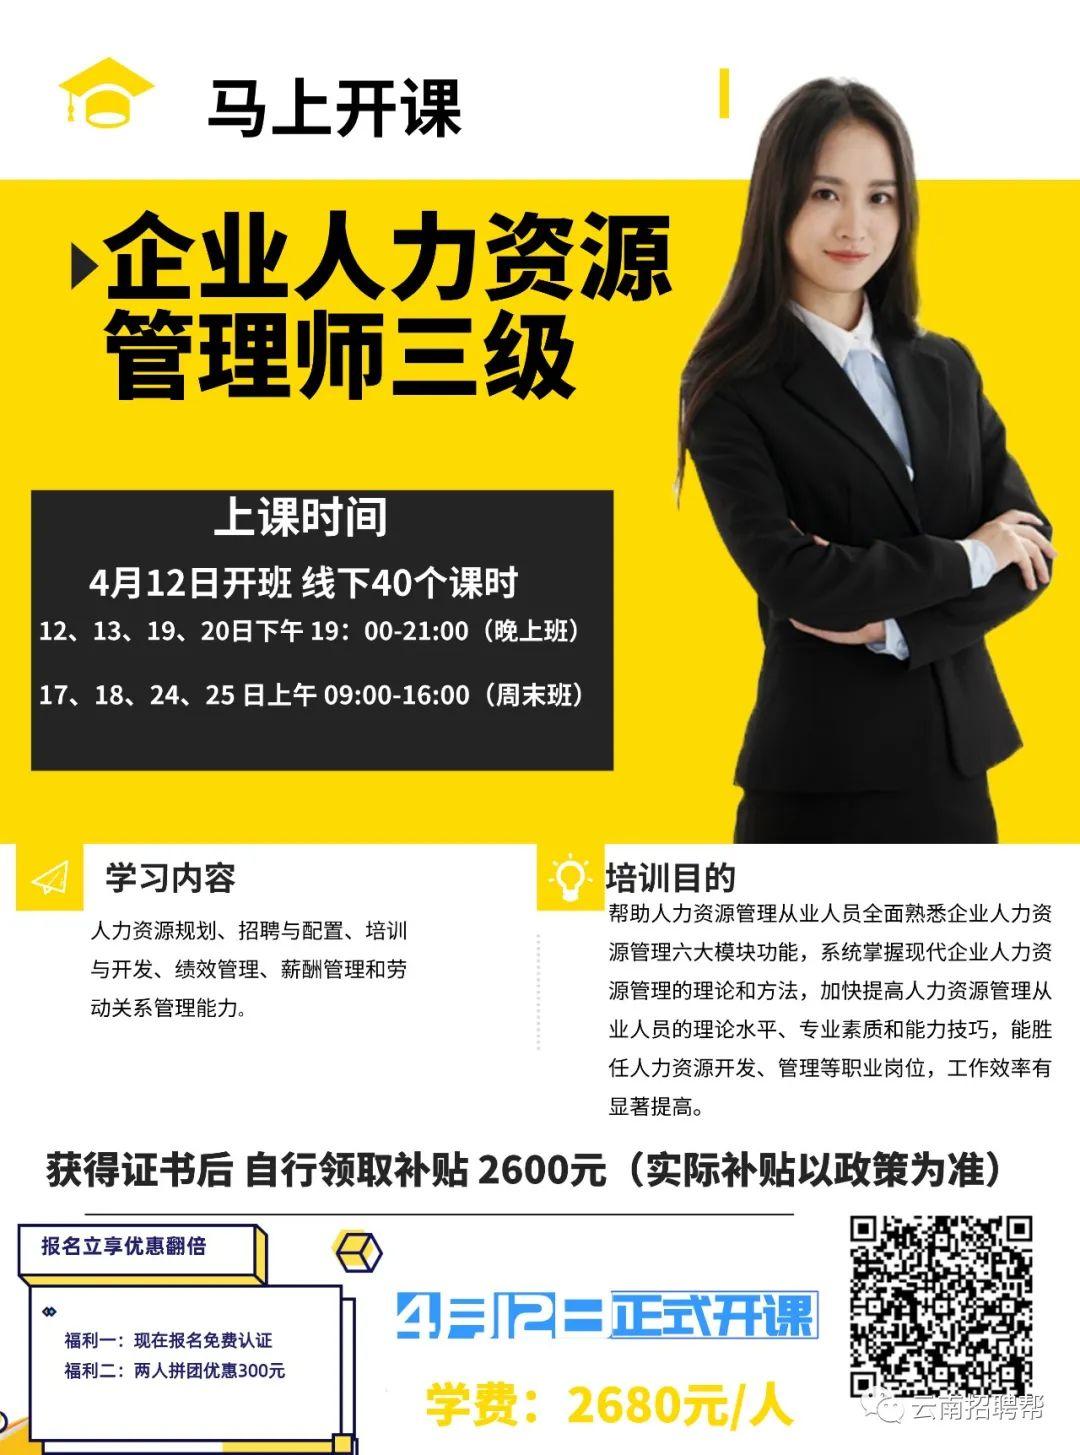 云南春晚传媒有限公司2021年招聘公告